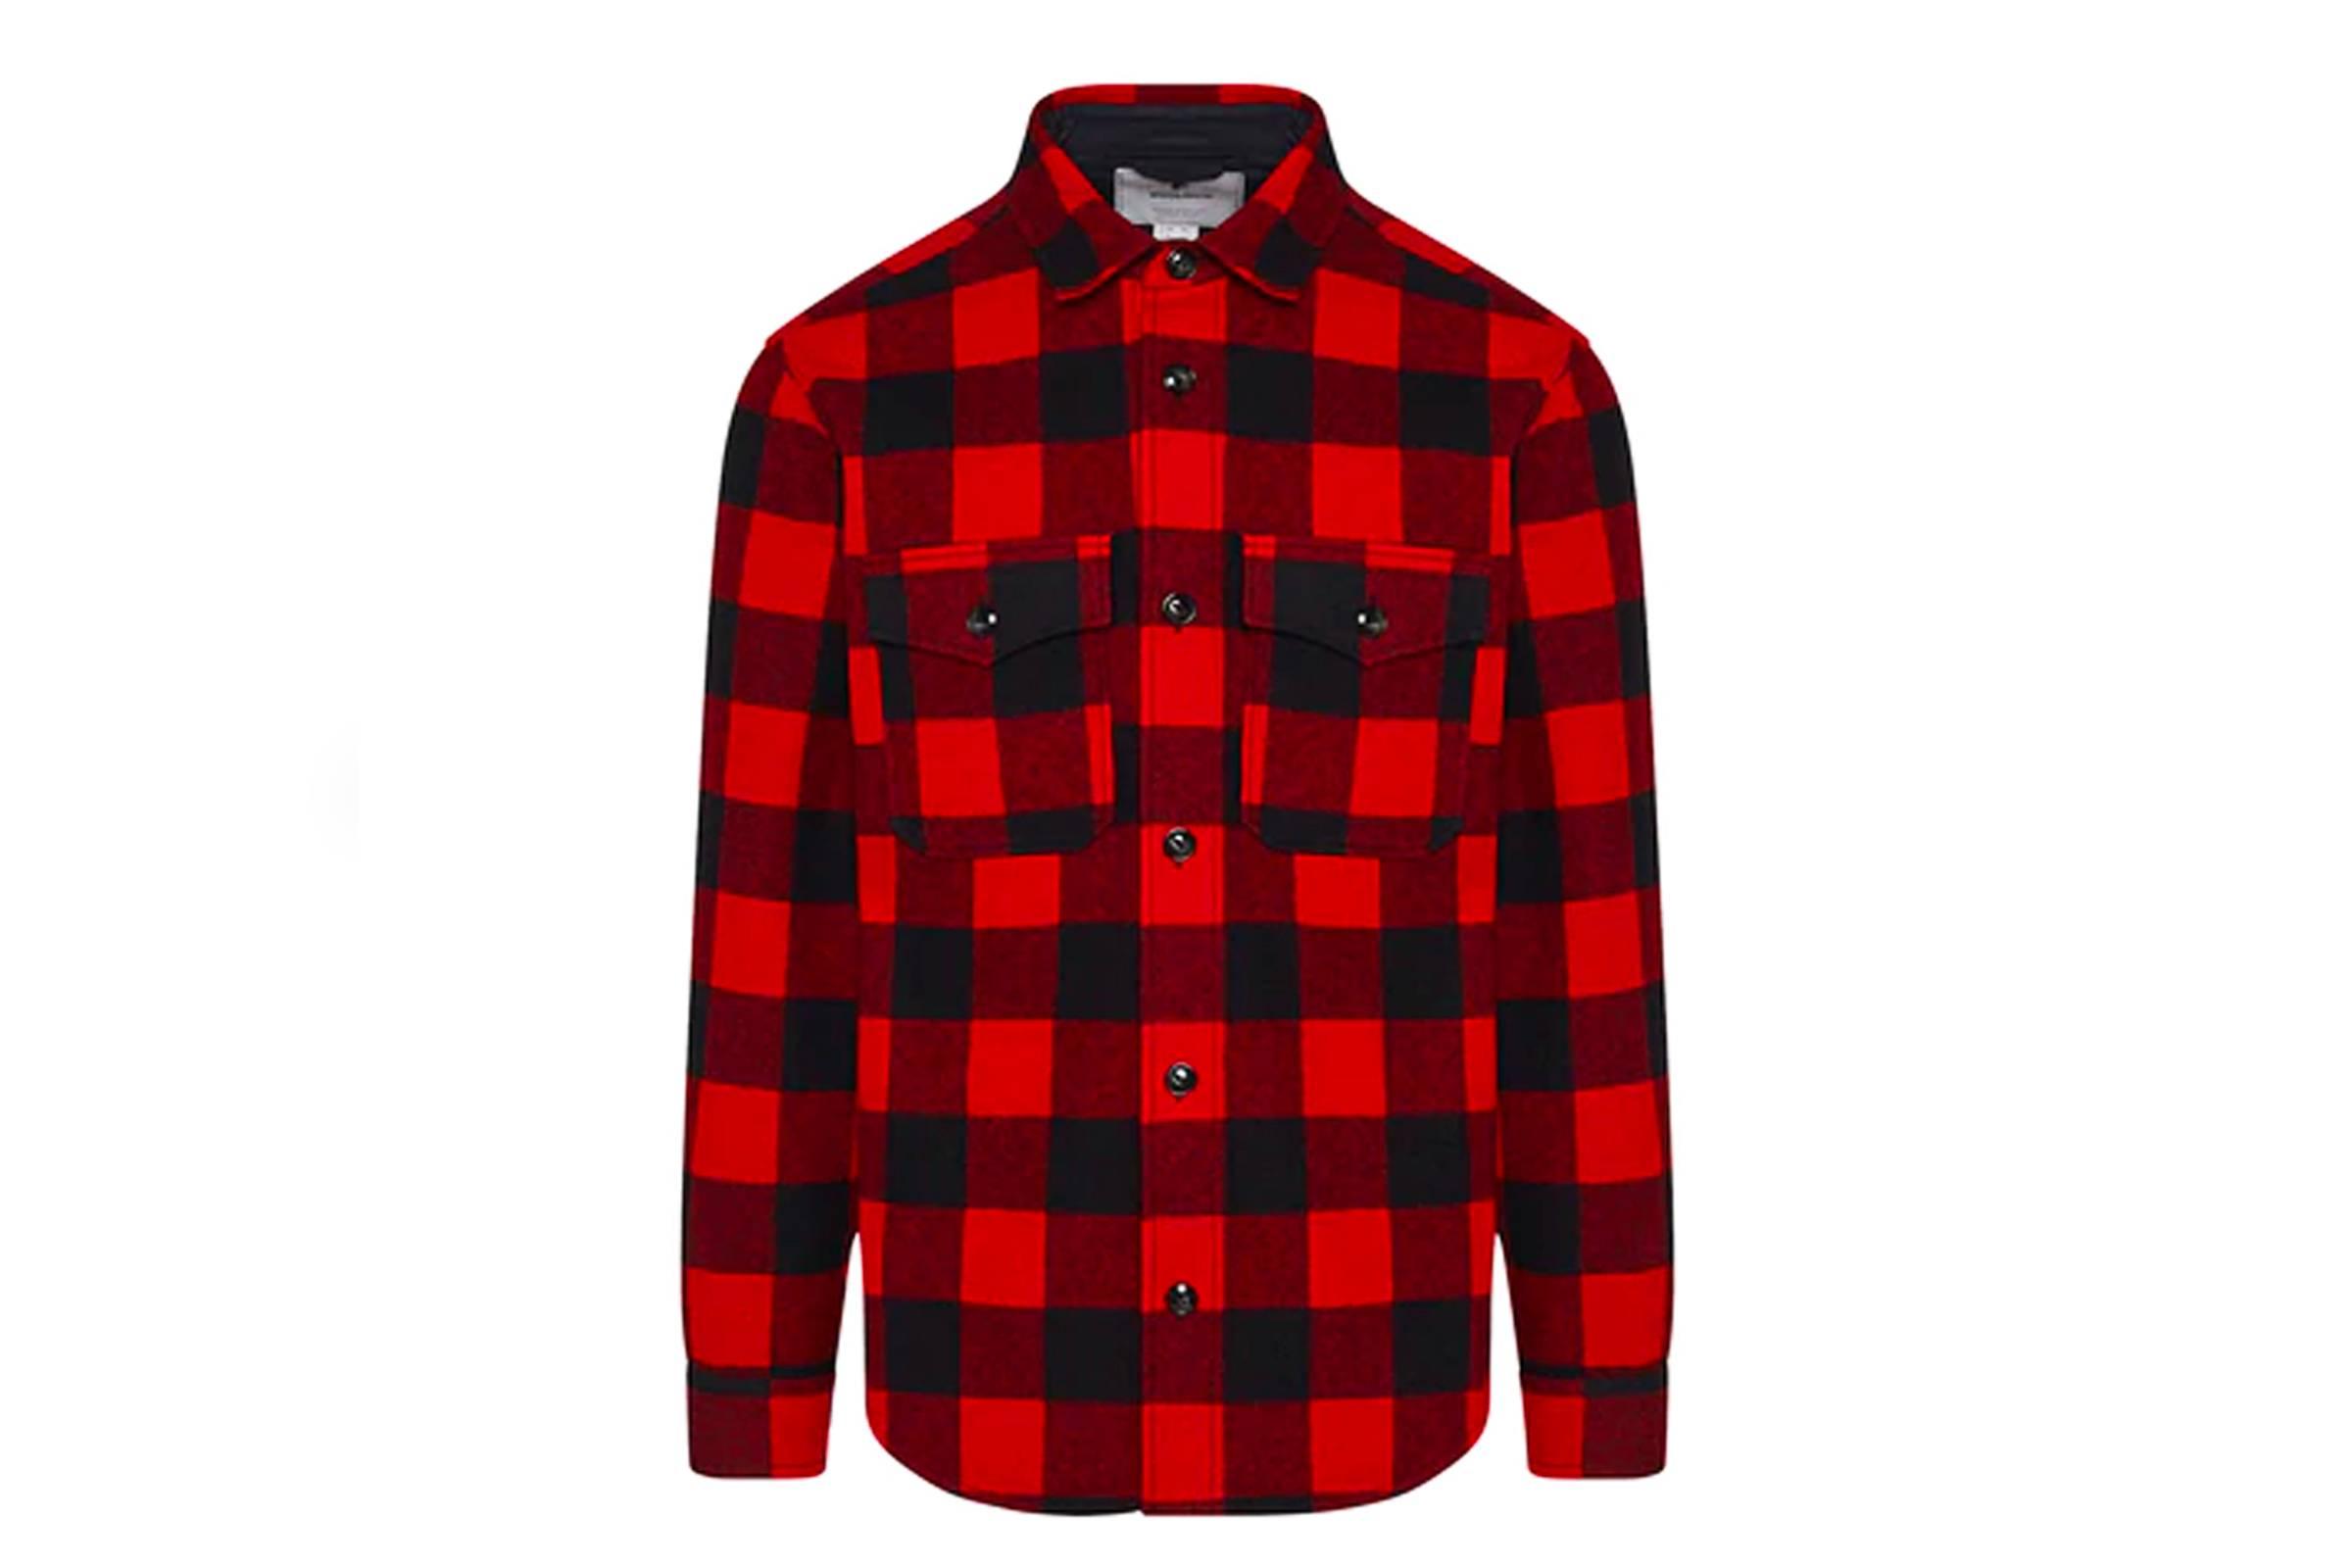 3. Woolrich Buffalo Check Over Shirt